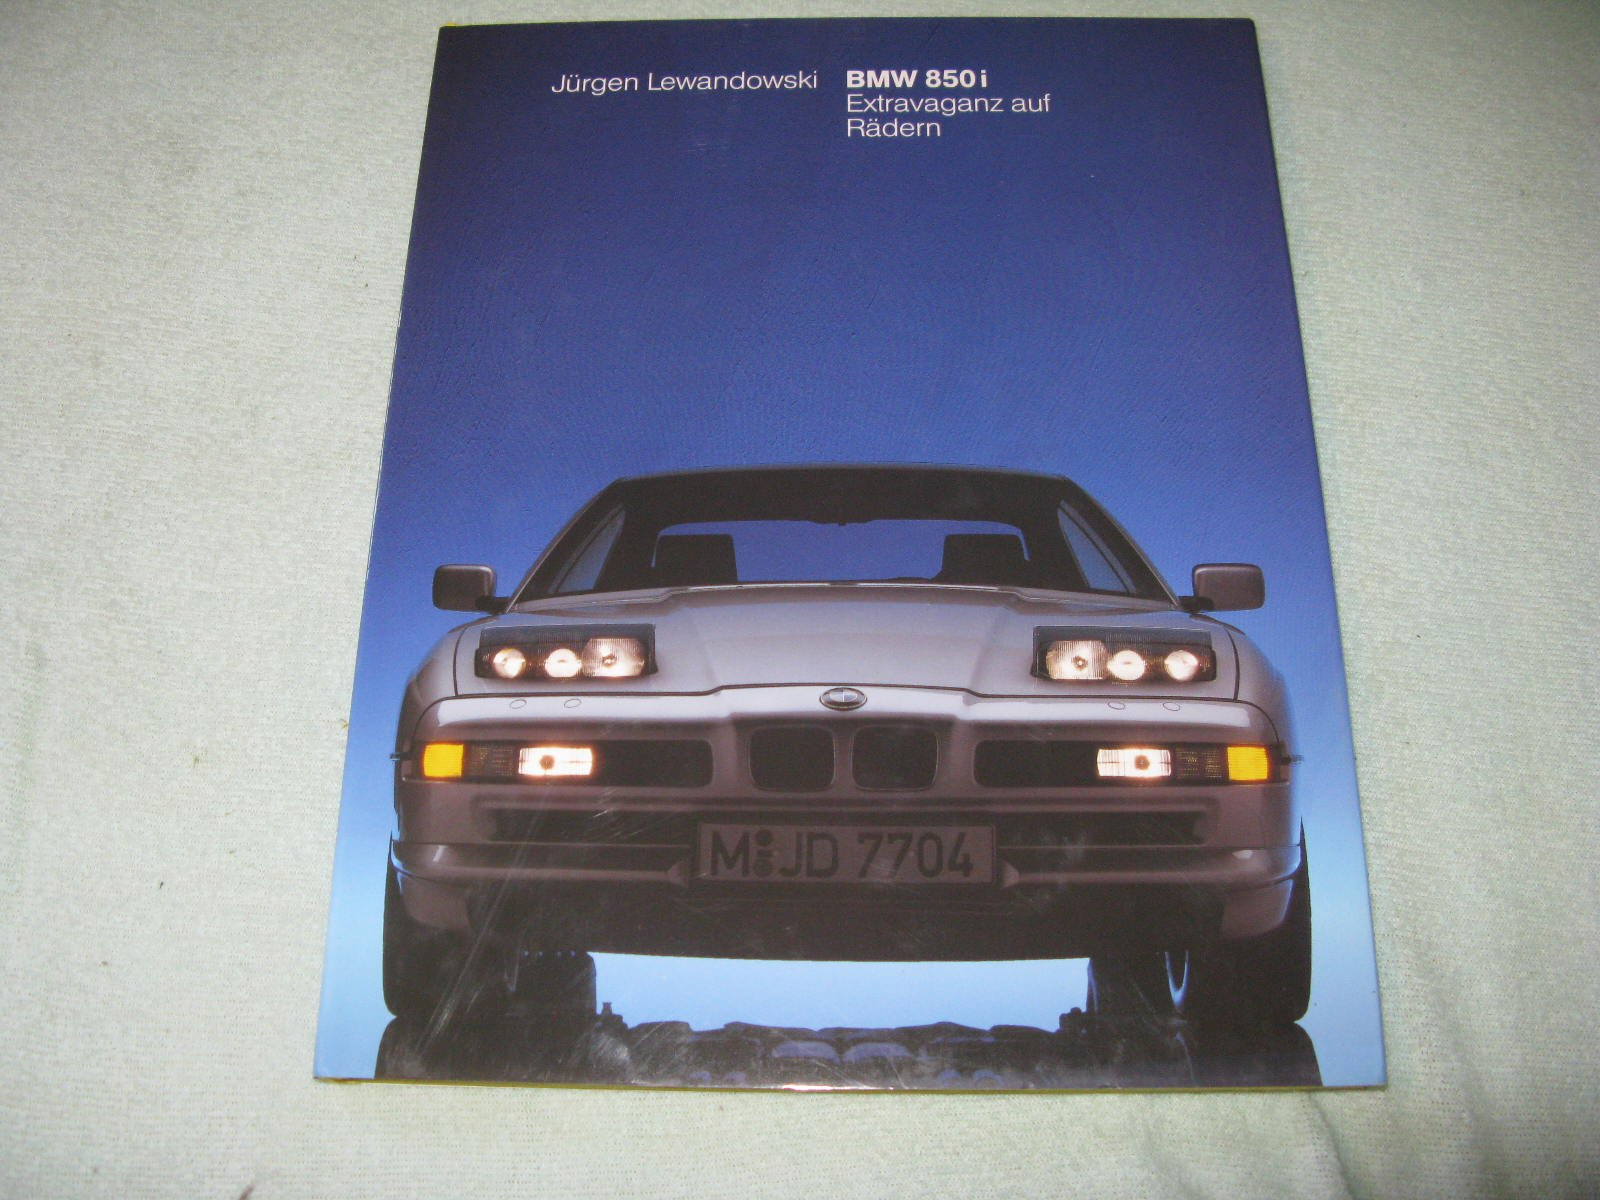 BMW 850i Extravaganz Auf Radern Amazonde Bucher